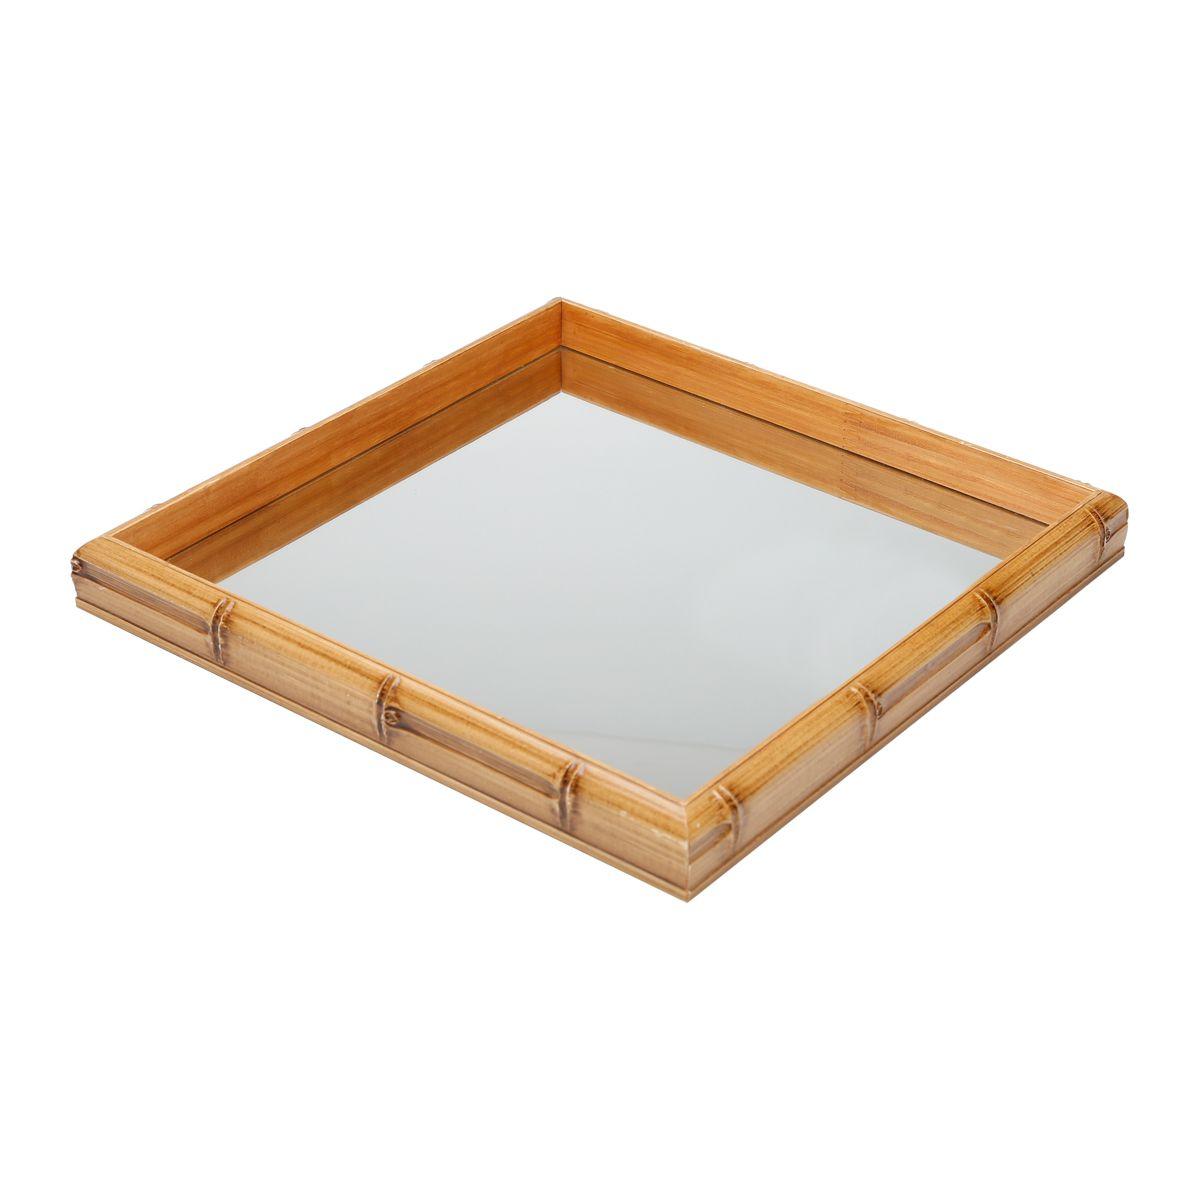 Bandeja de Madeira com Espelho Bambu 27 X 27 X4cm